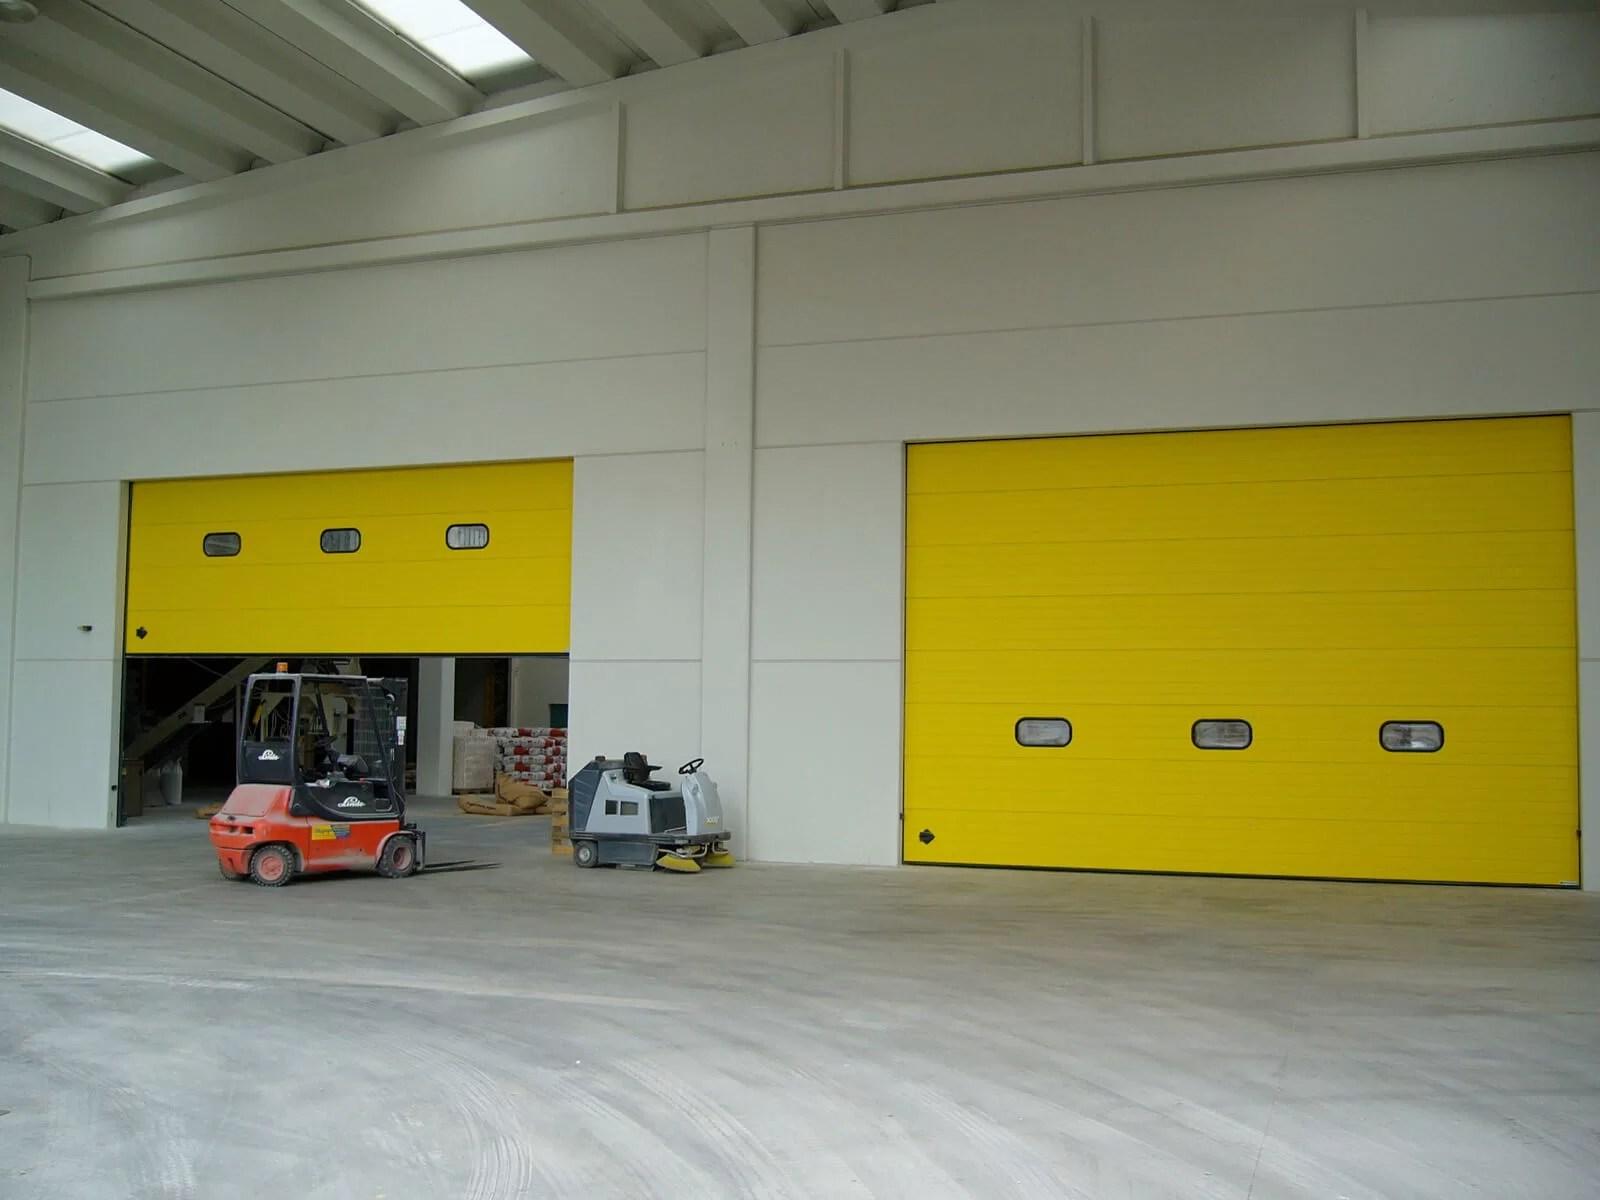 Portone sezionale industriale SECURA - Stucco giallo RAL